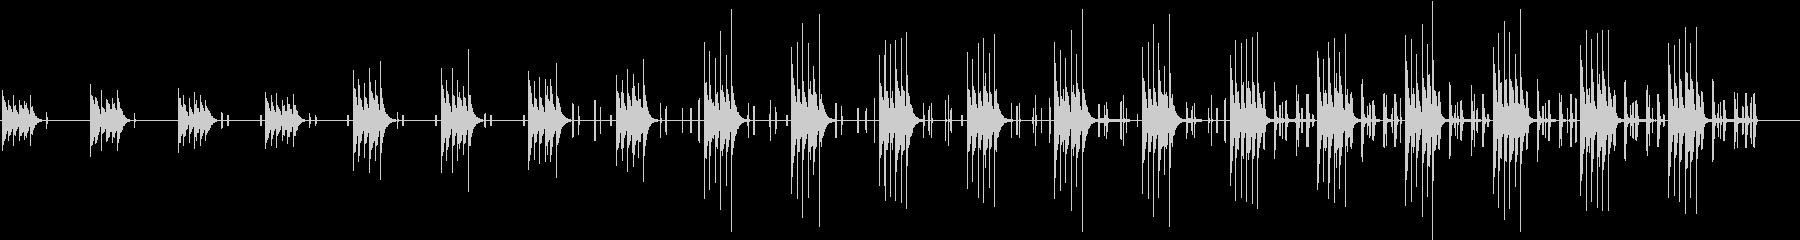 短いフレーズが繰り返される無機質な曲の未再生の波形